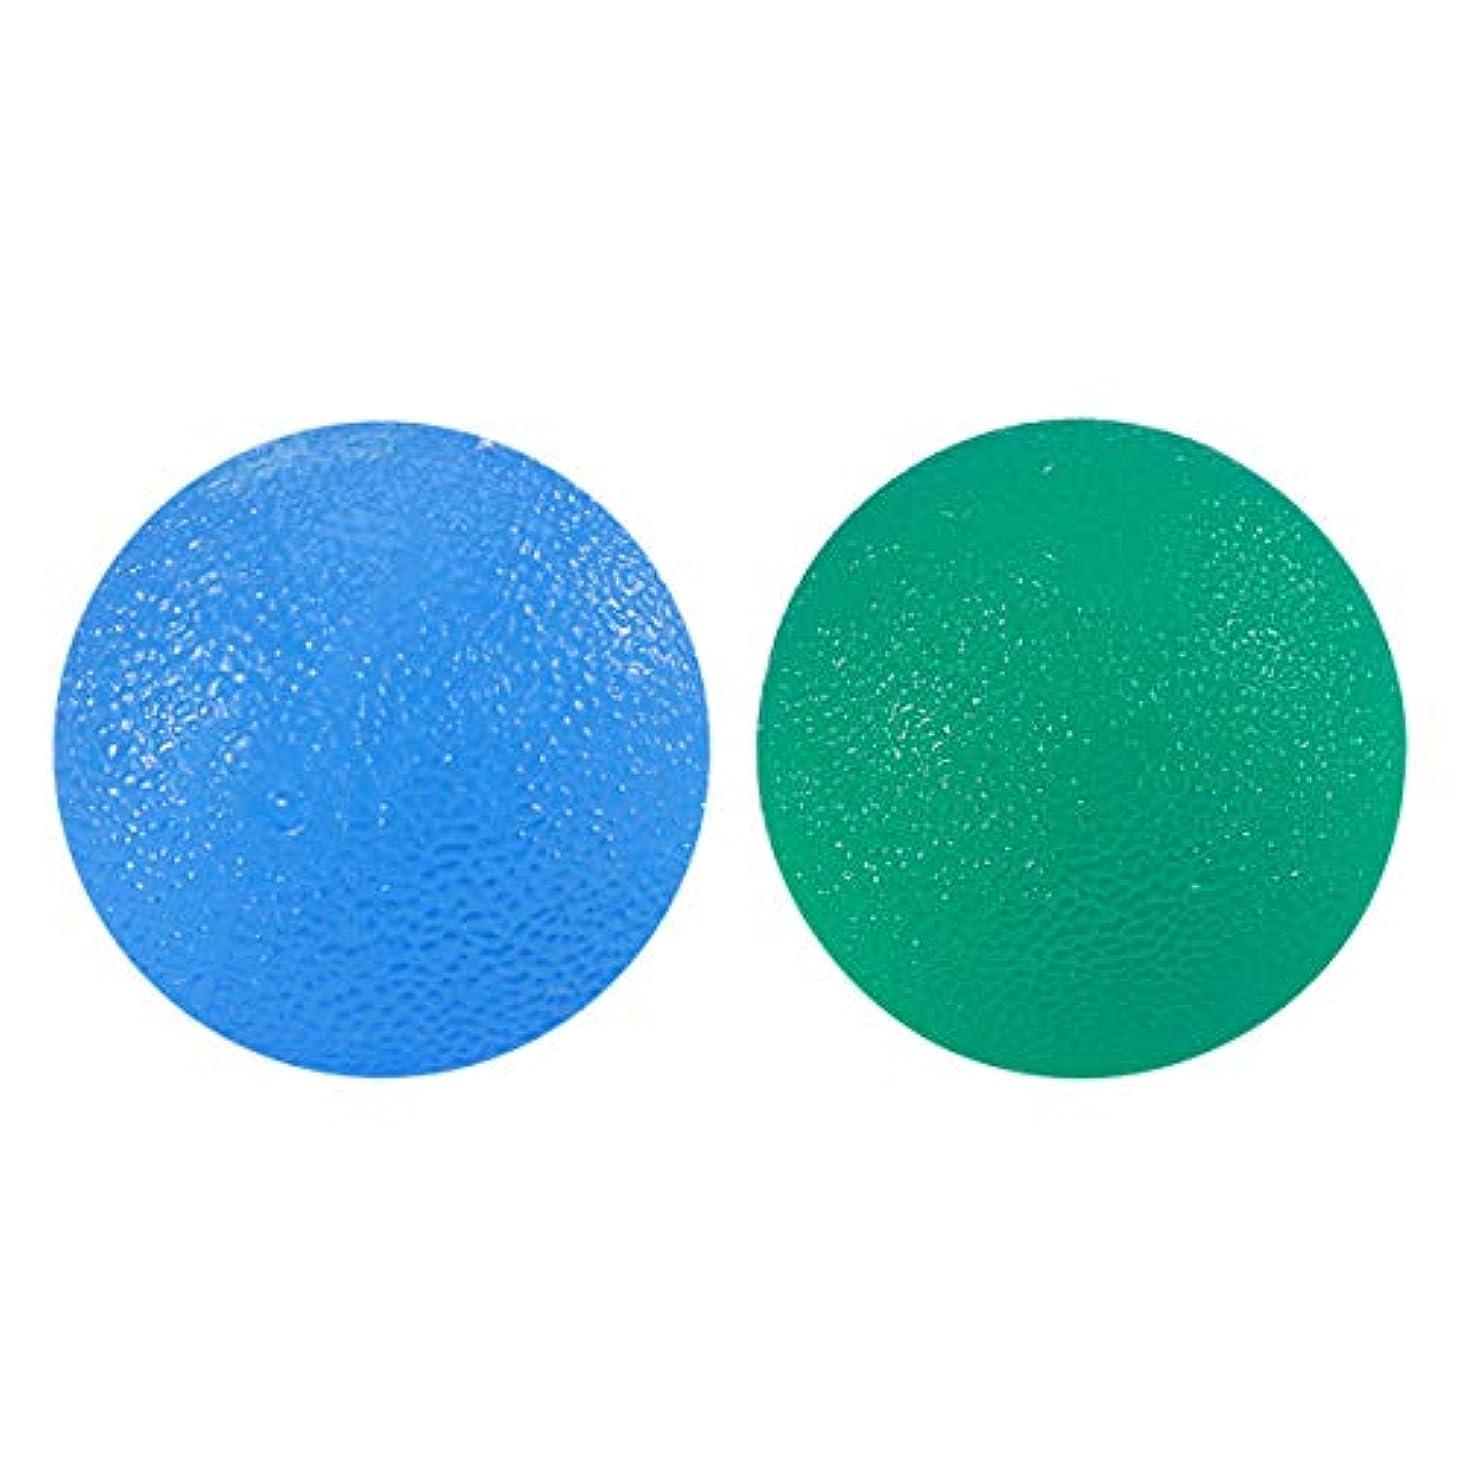 徒歩でかかわらず最もSUPVOX マッサージボール ストレッチボール 筋膜リリース ツボ押し トレーニング 健康器具 血行促進2個入(緑と青)